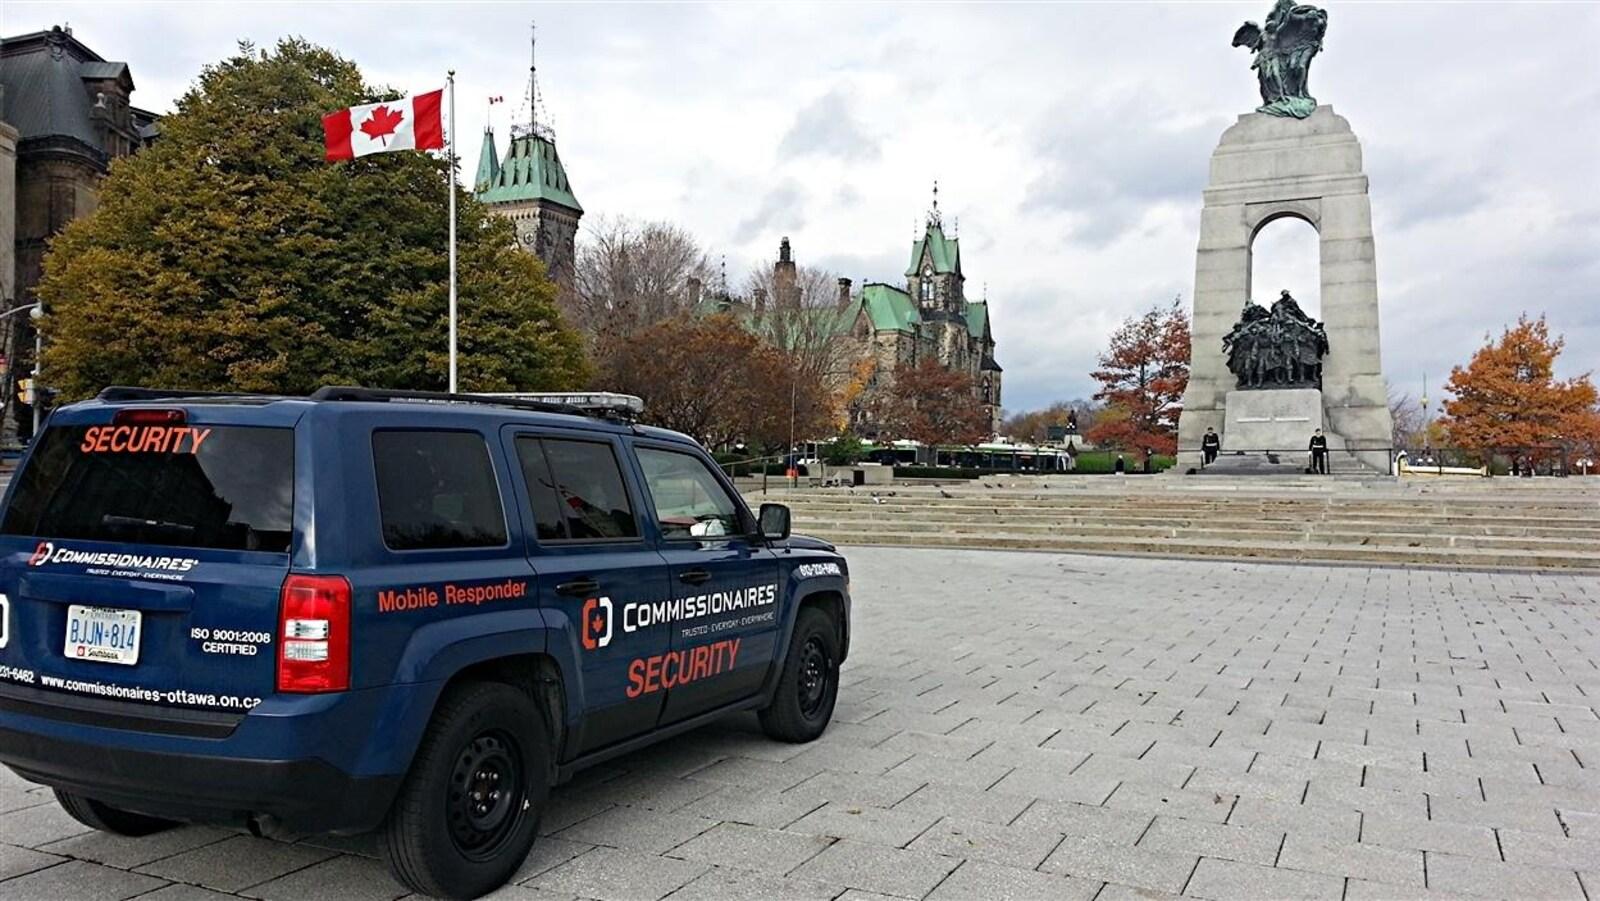 Un véhicule de l'entreprise Commissionnaires à Ottawa.